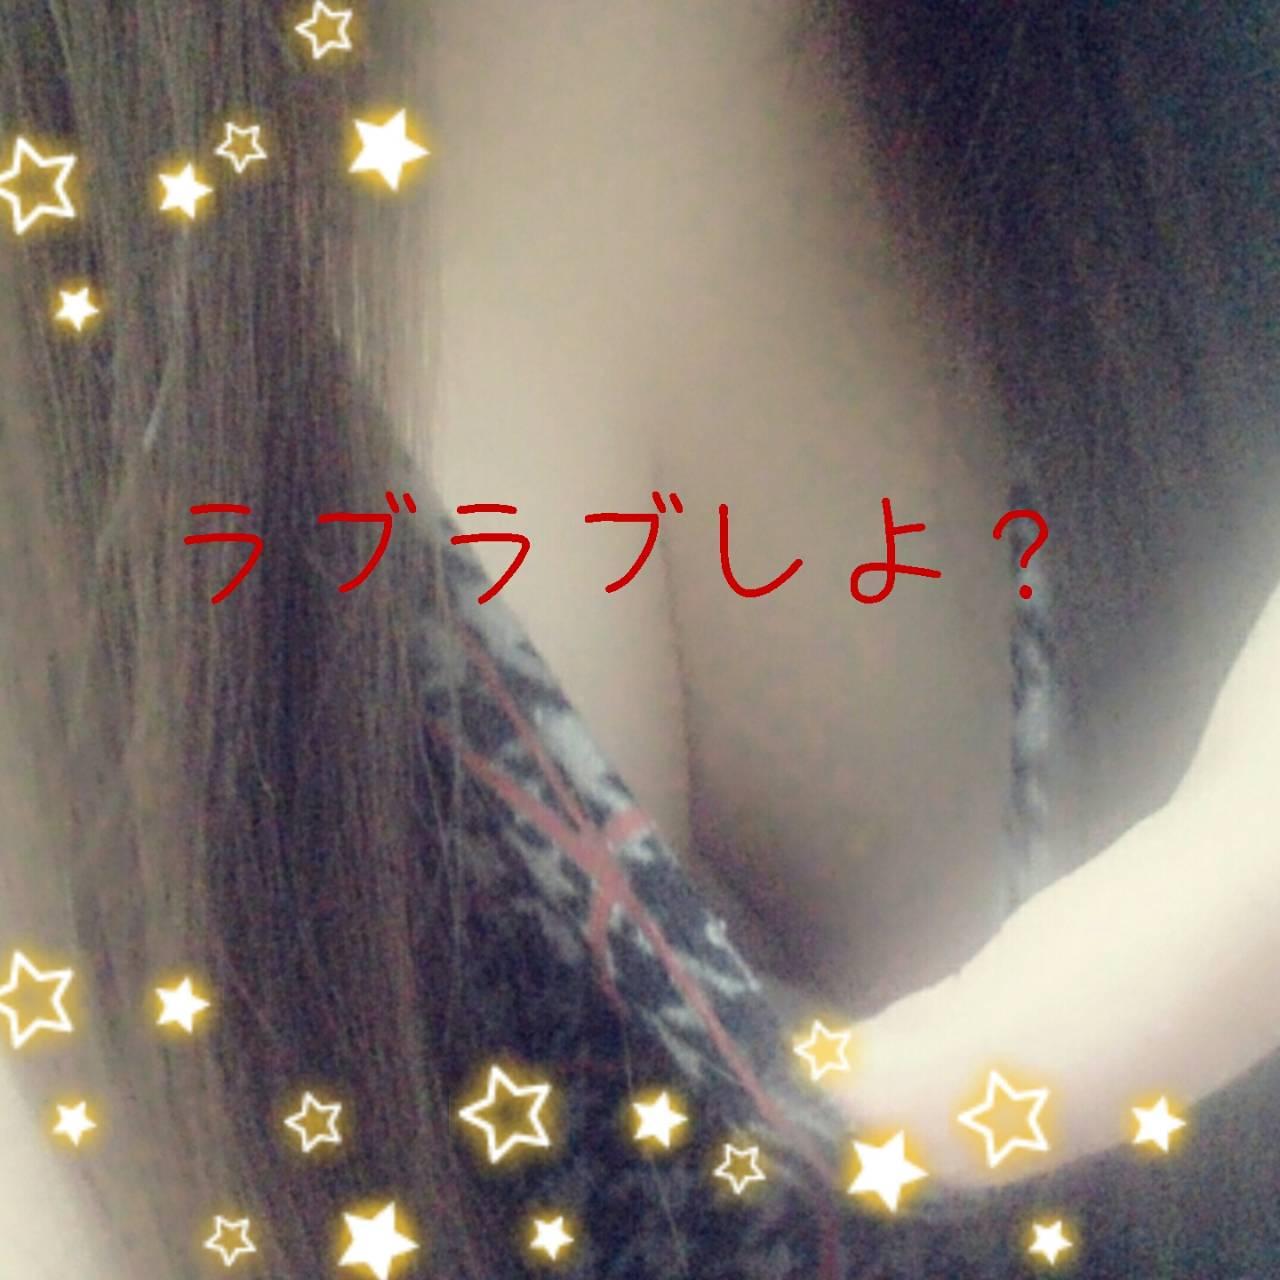 笹本さら「待機してます」12/17(日) 18:01 | 笹本さらの写メ・風俗動画